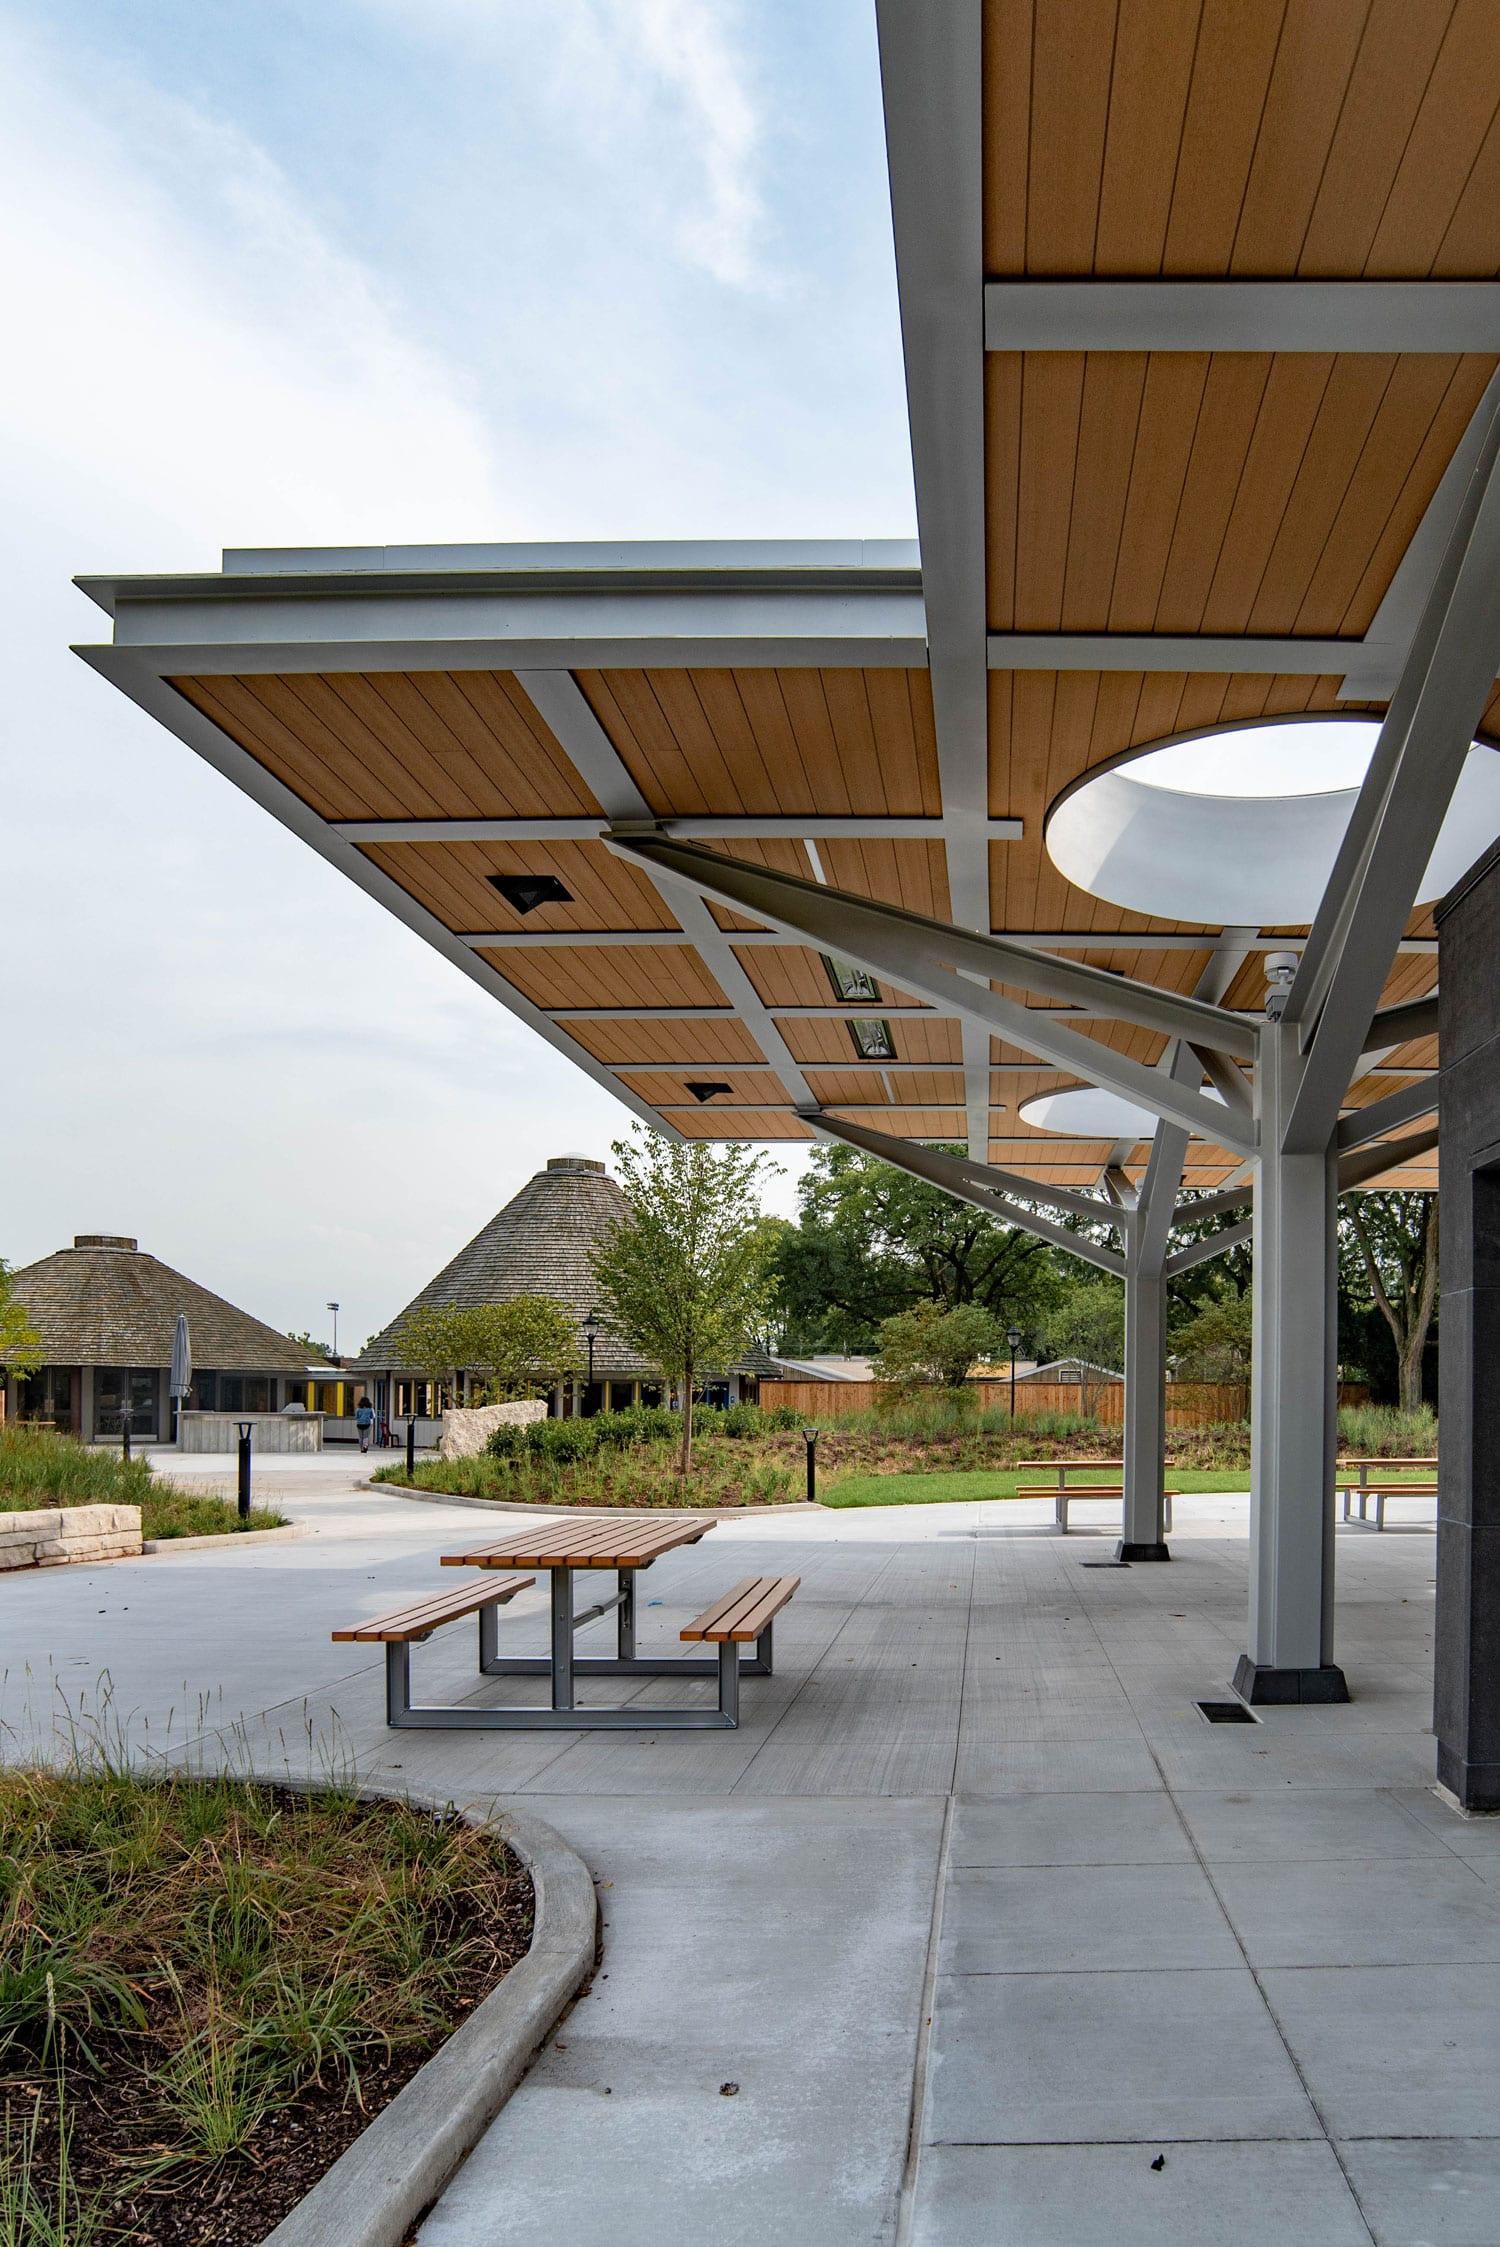 hamill-family-nature-plaza-926d